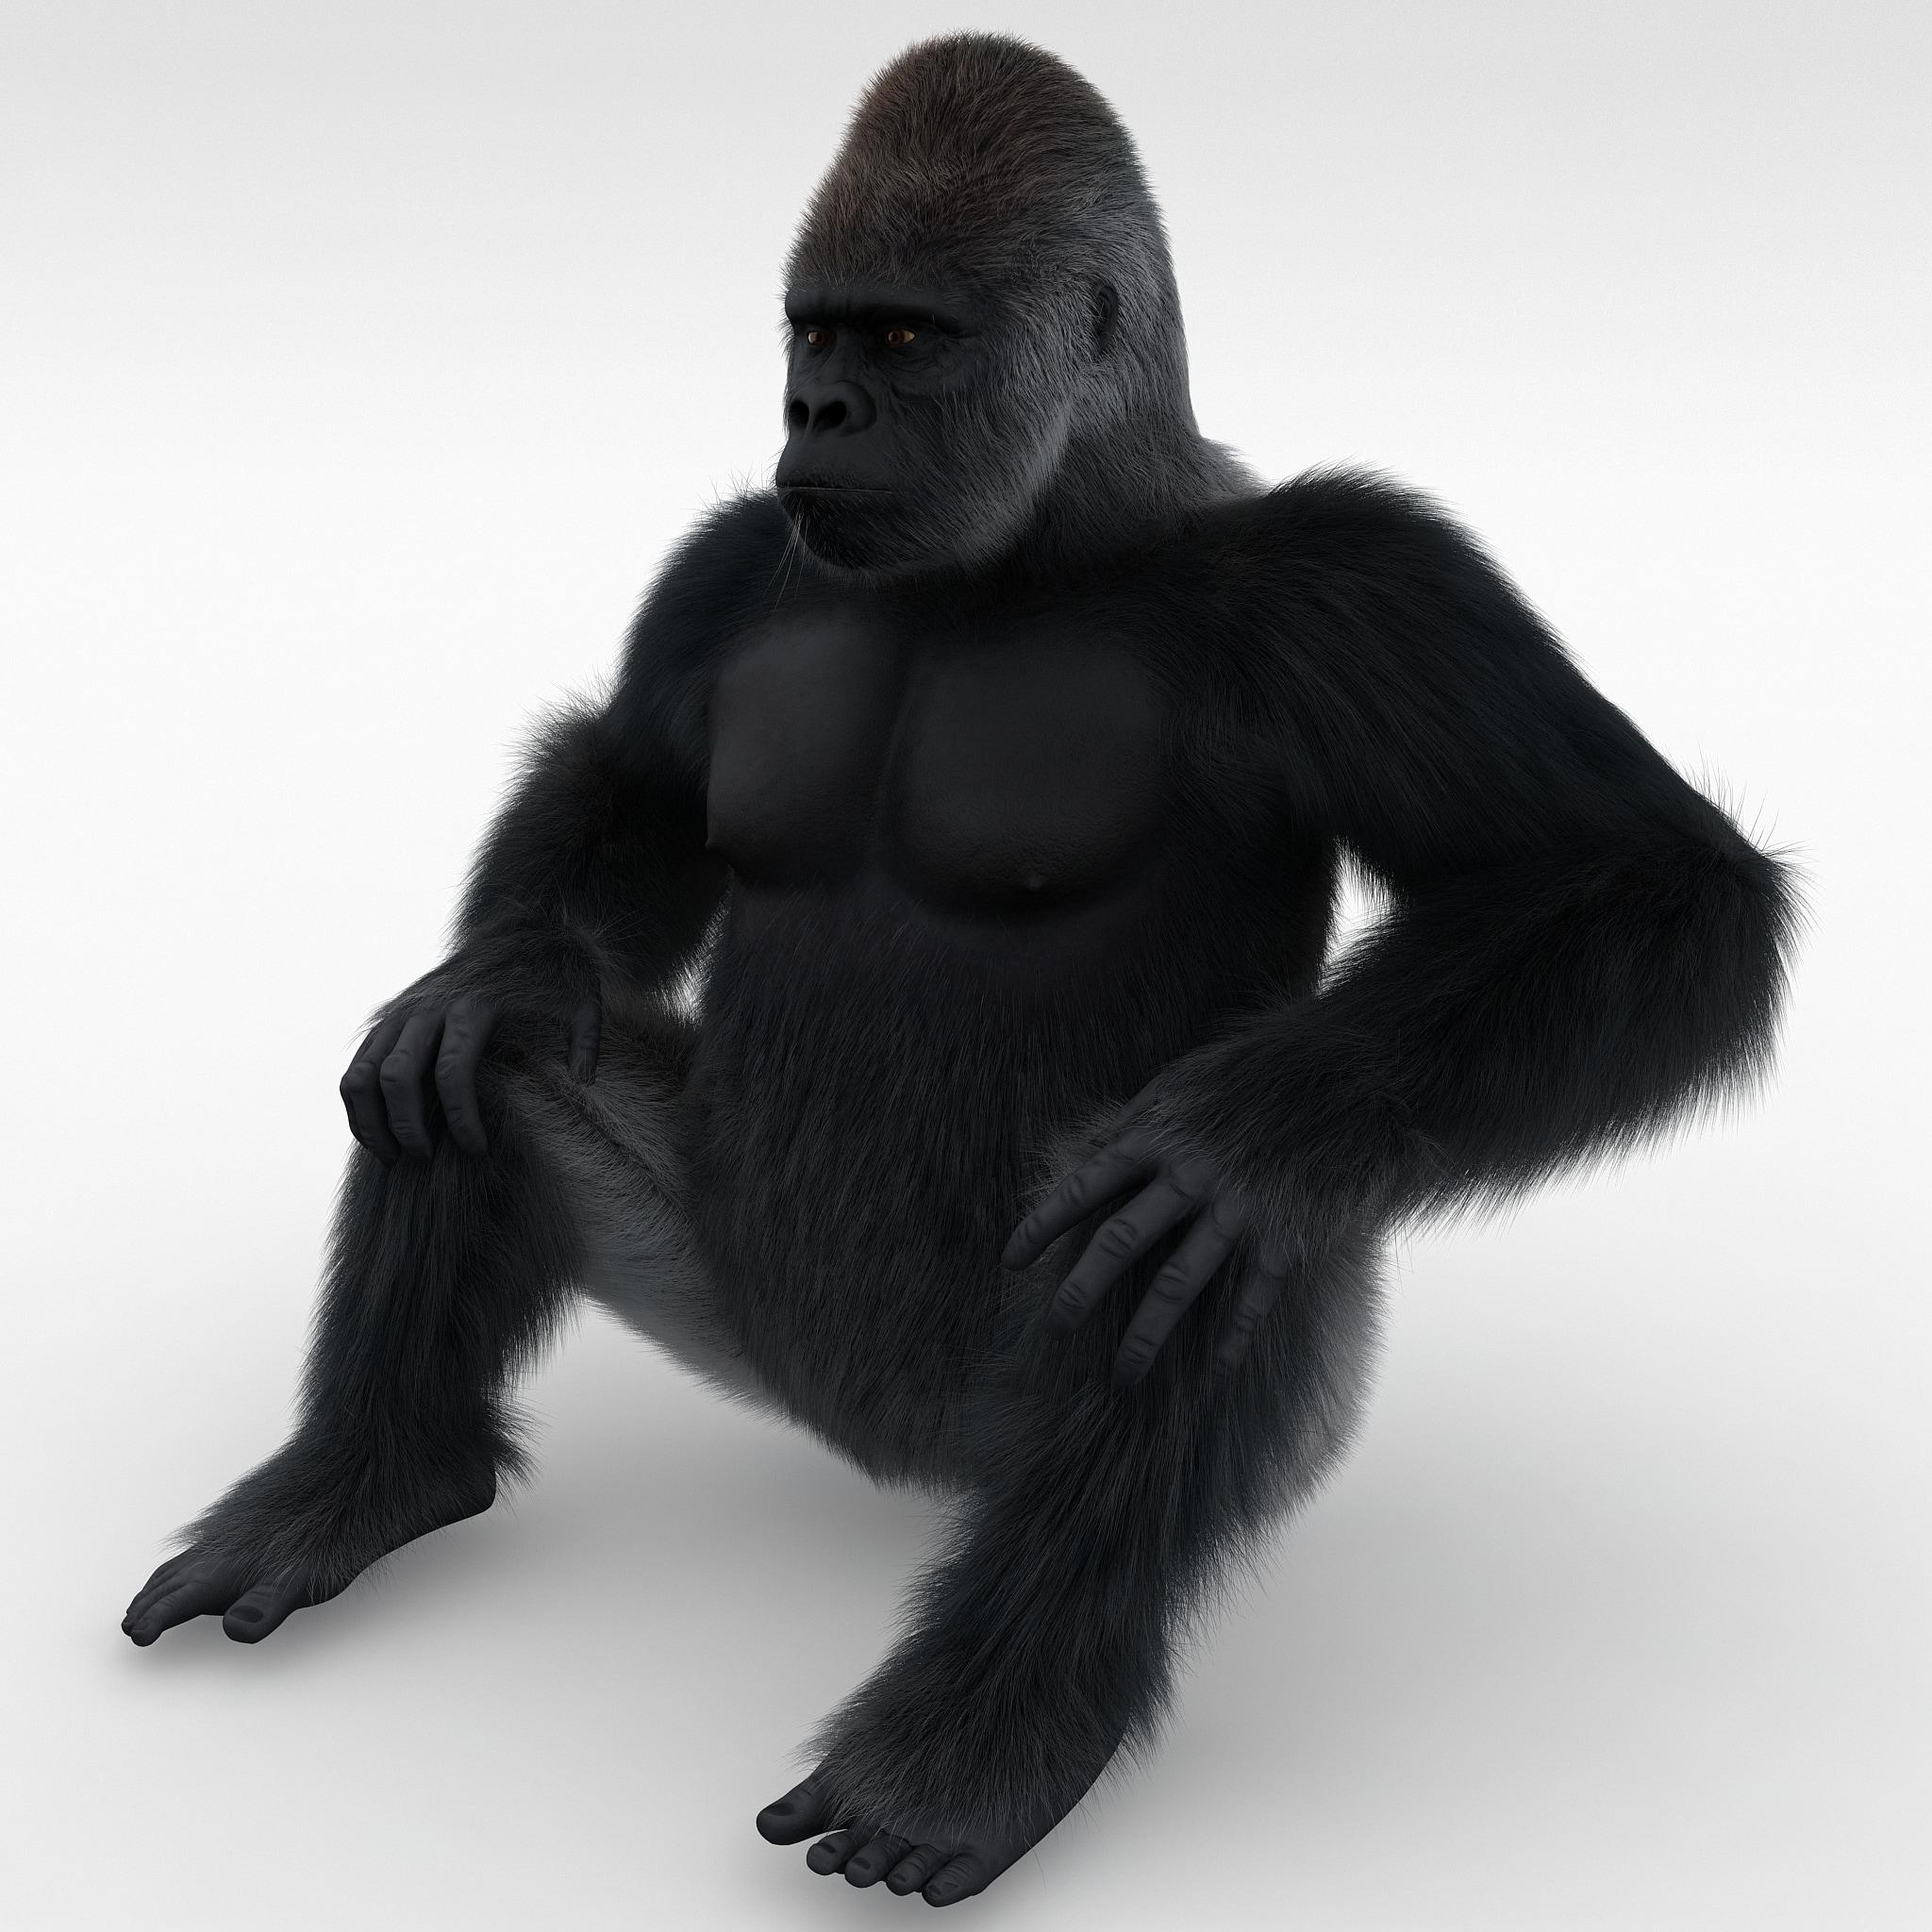 Gorilla Pose 3 Fur